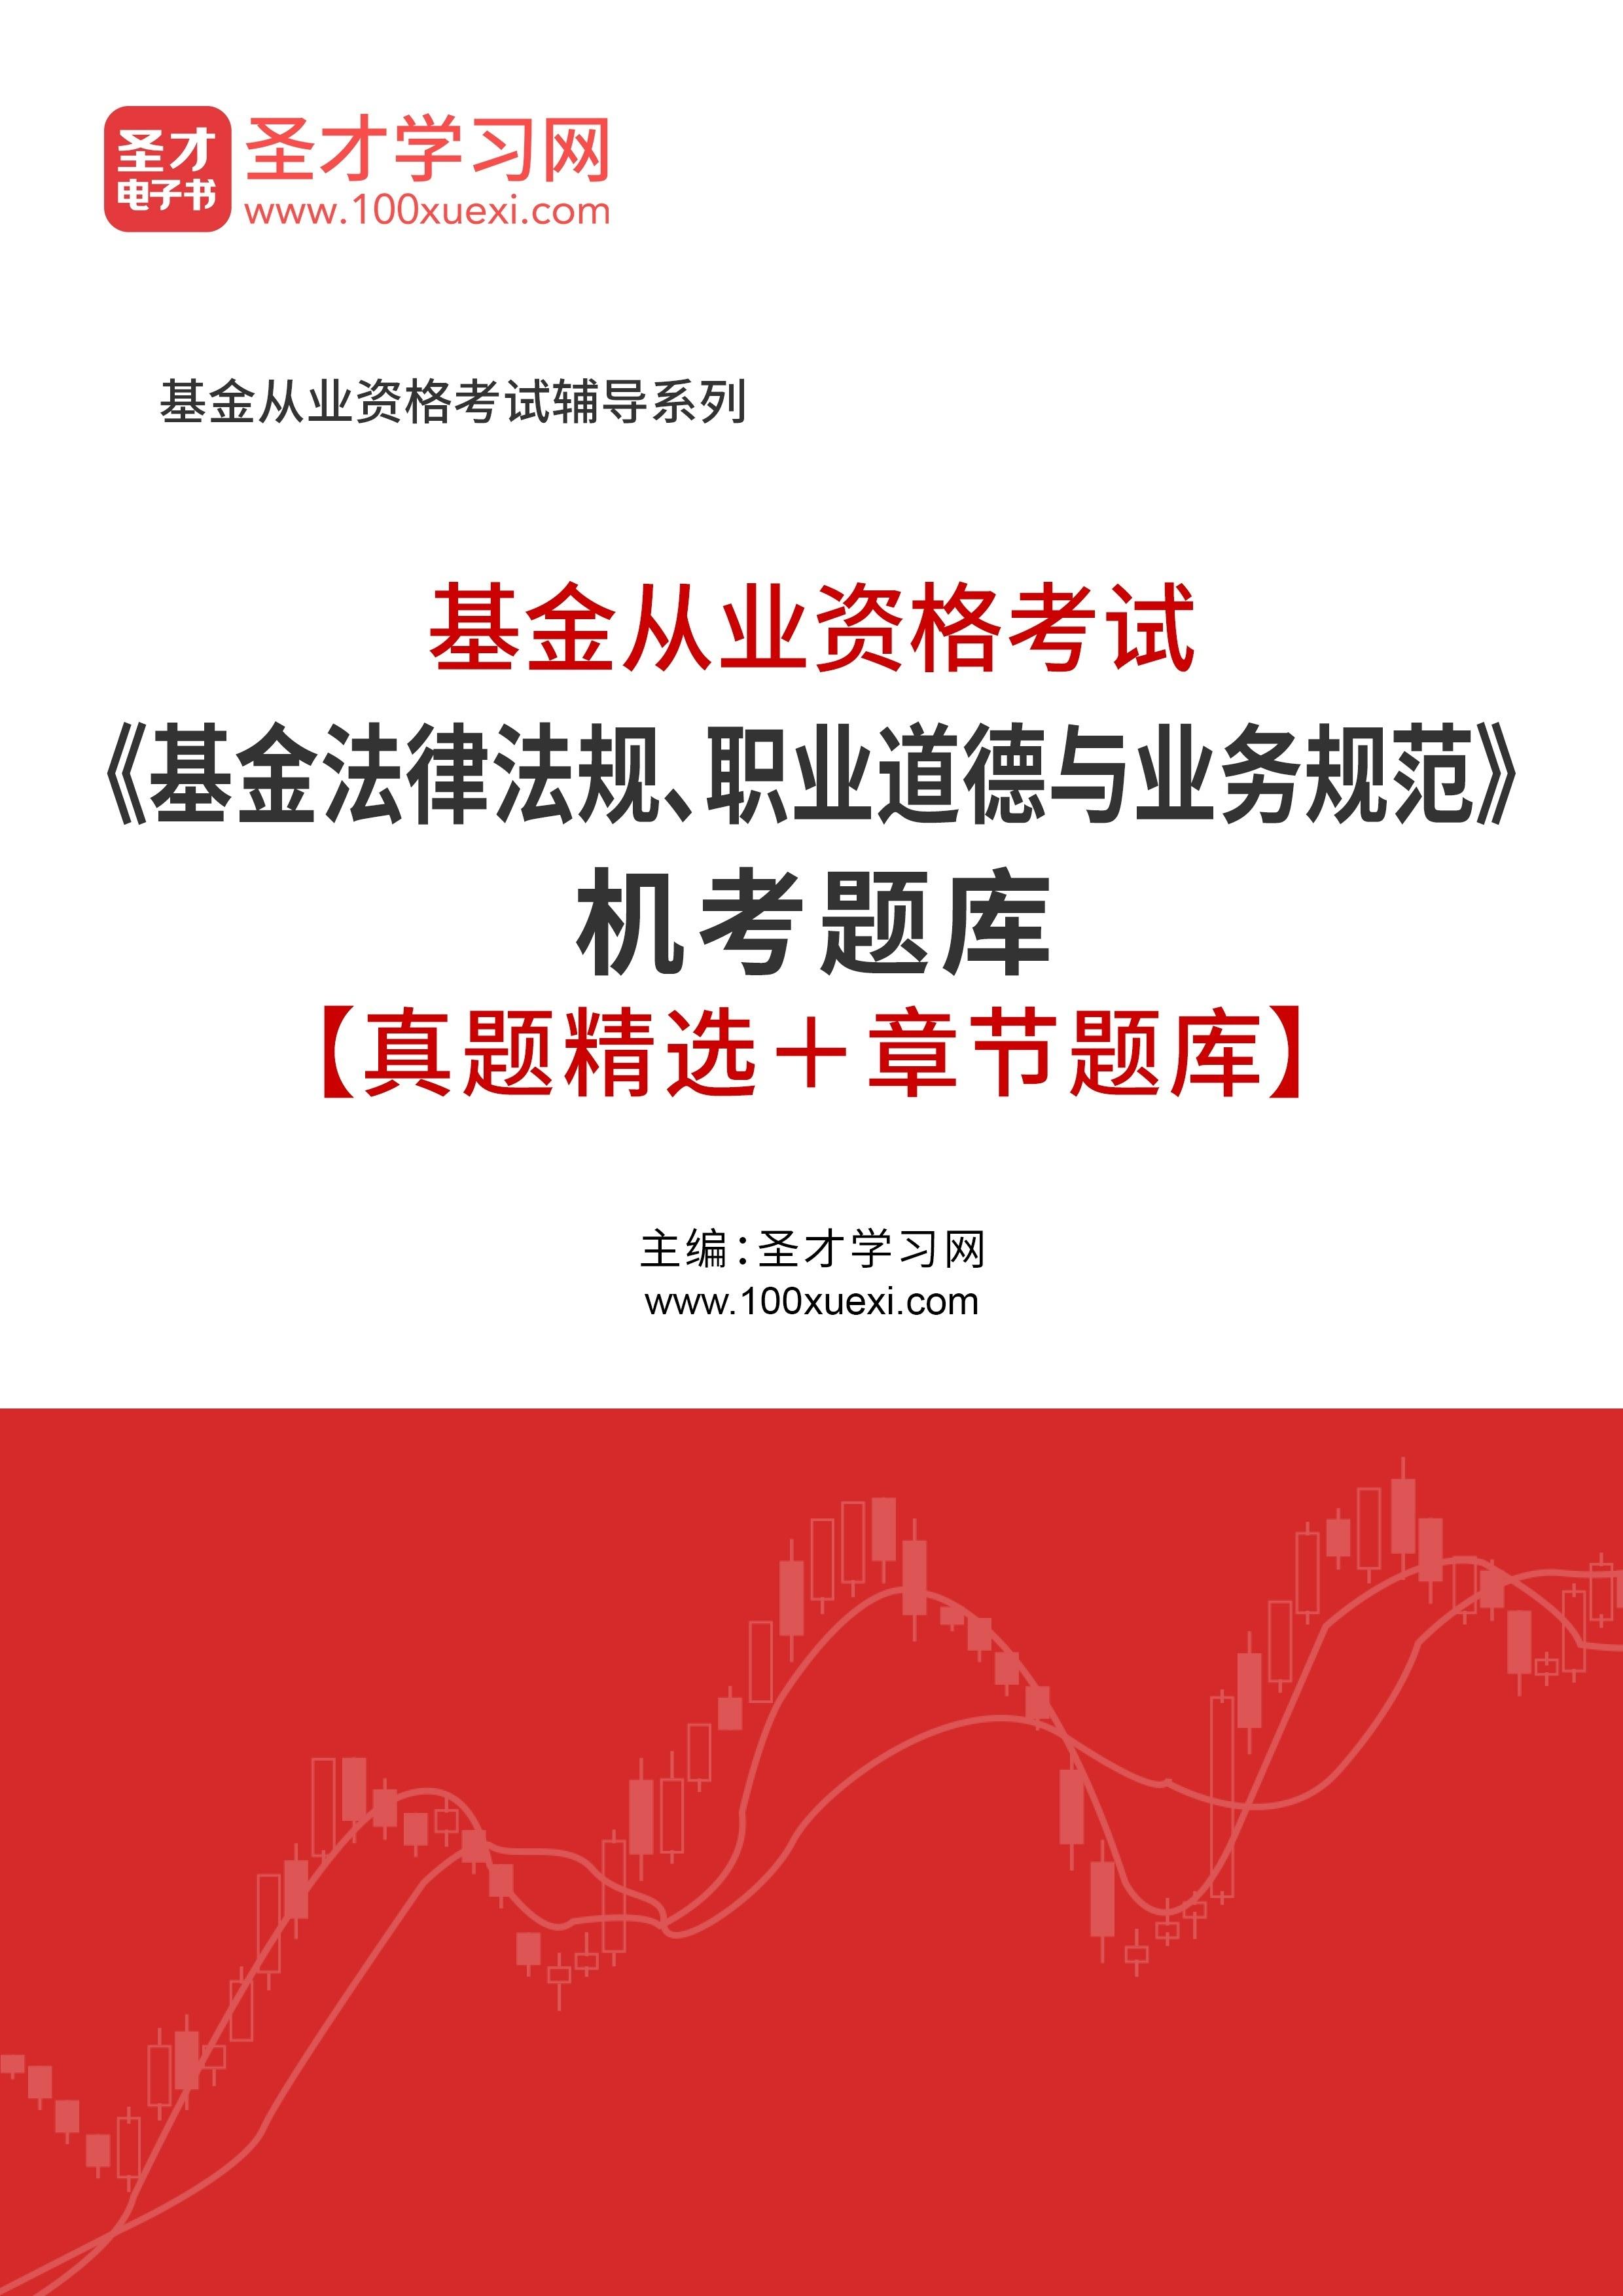 2021年基金從業資格考試《基金法律法規、職業道德與業務規范》機考題庫【真題精選+章節題庫】